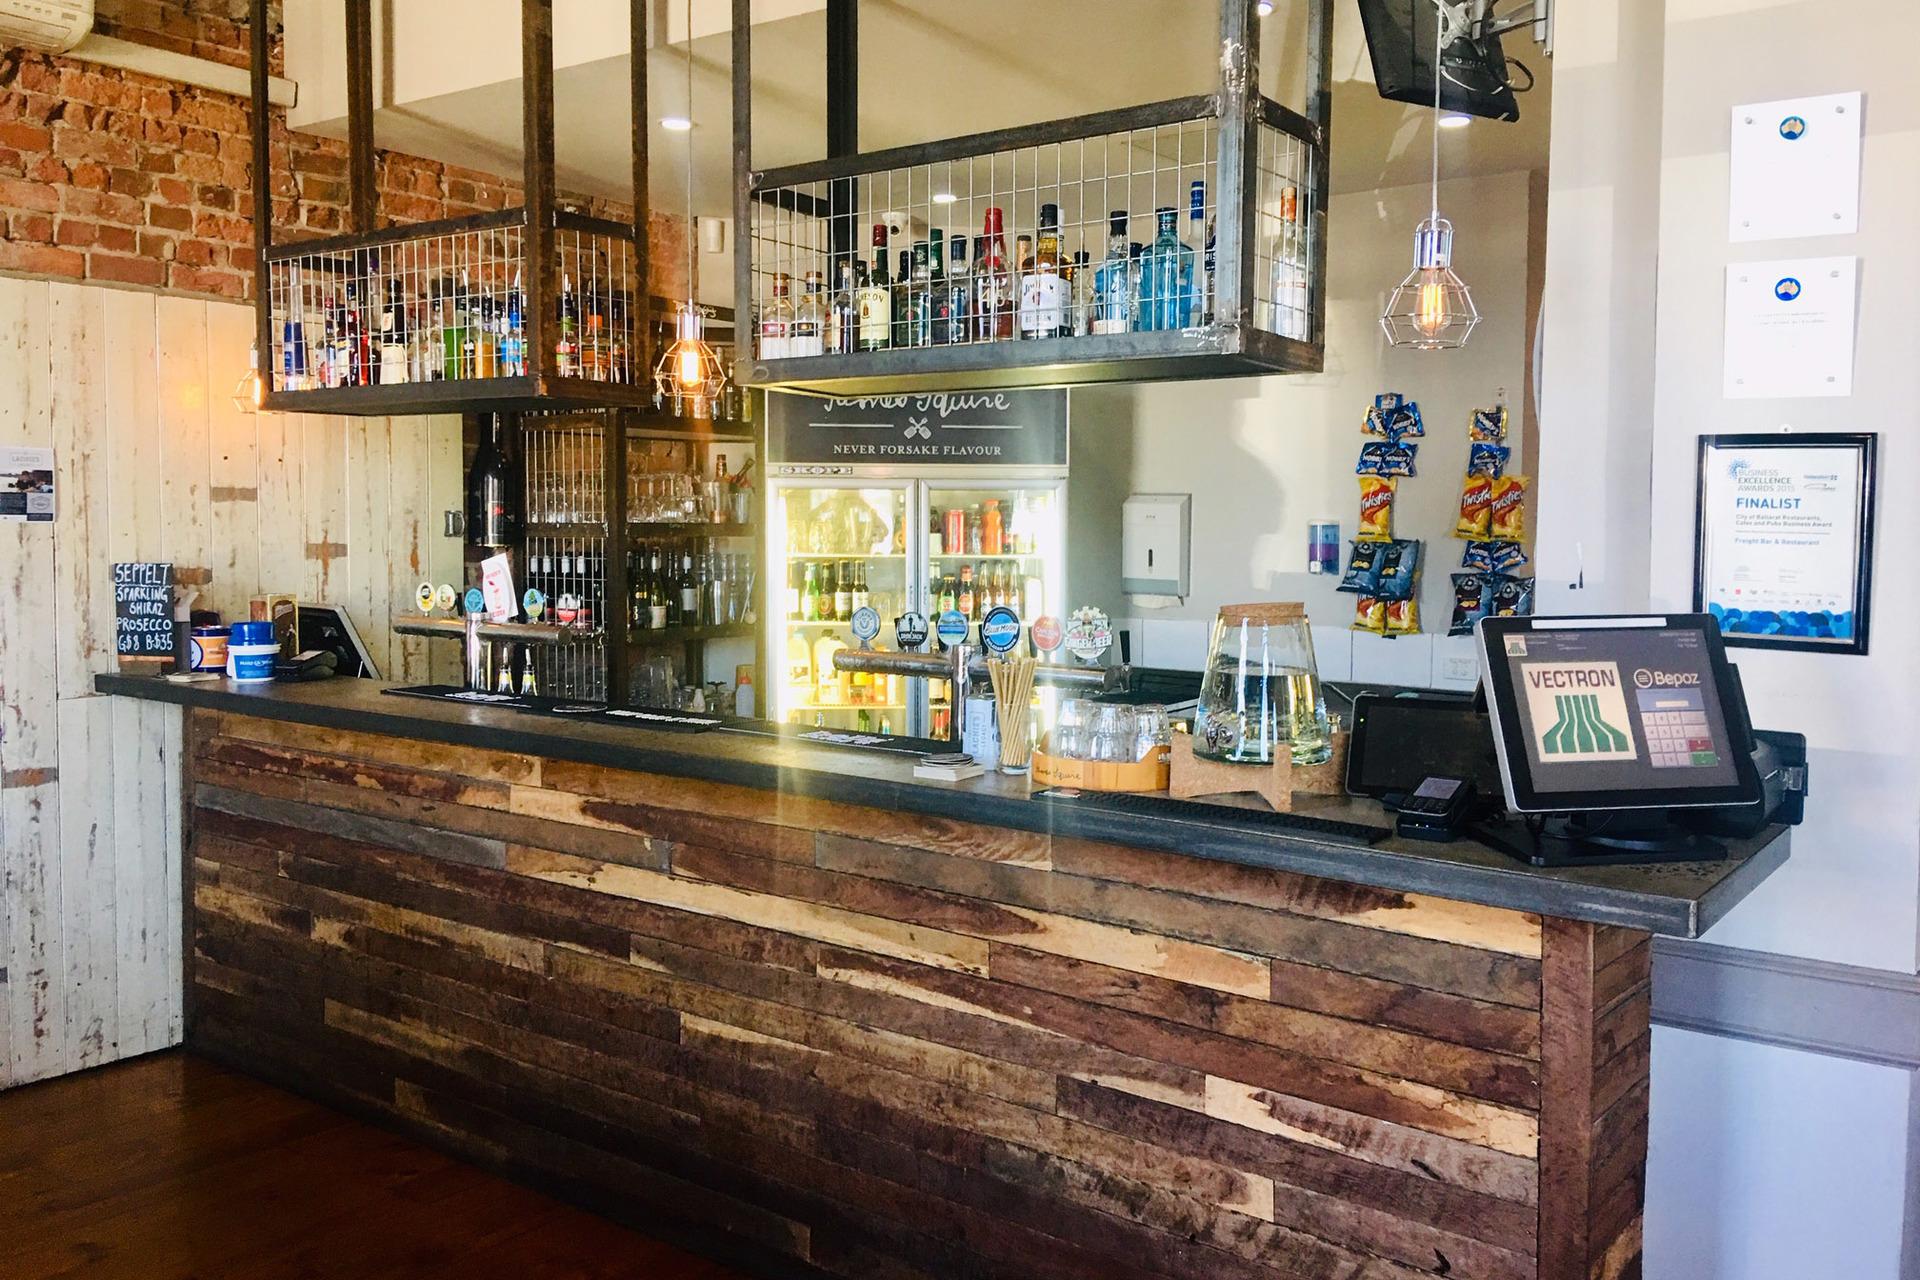 j - Freight Bar & Restaurant